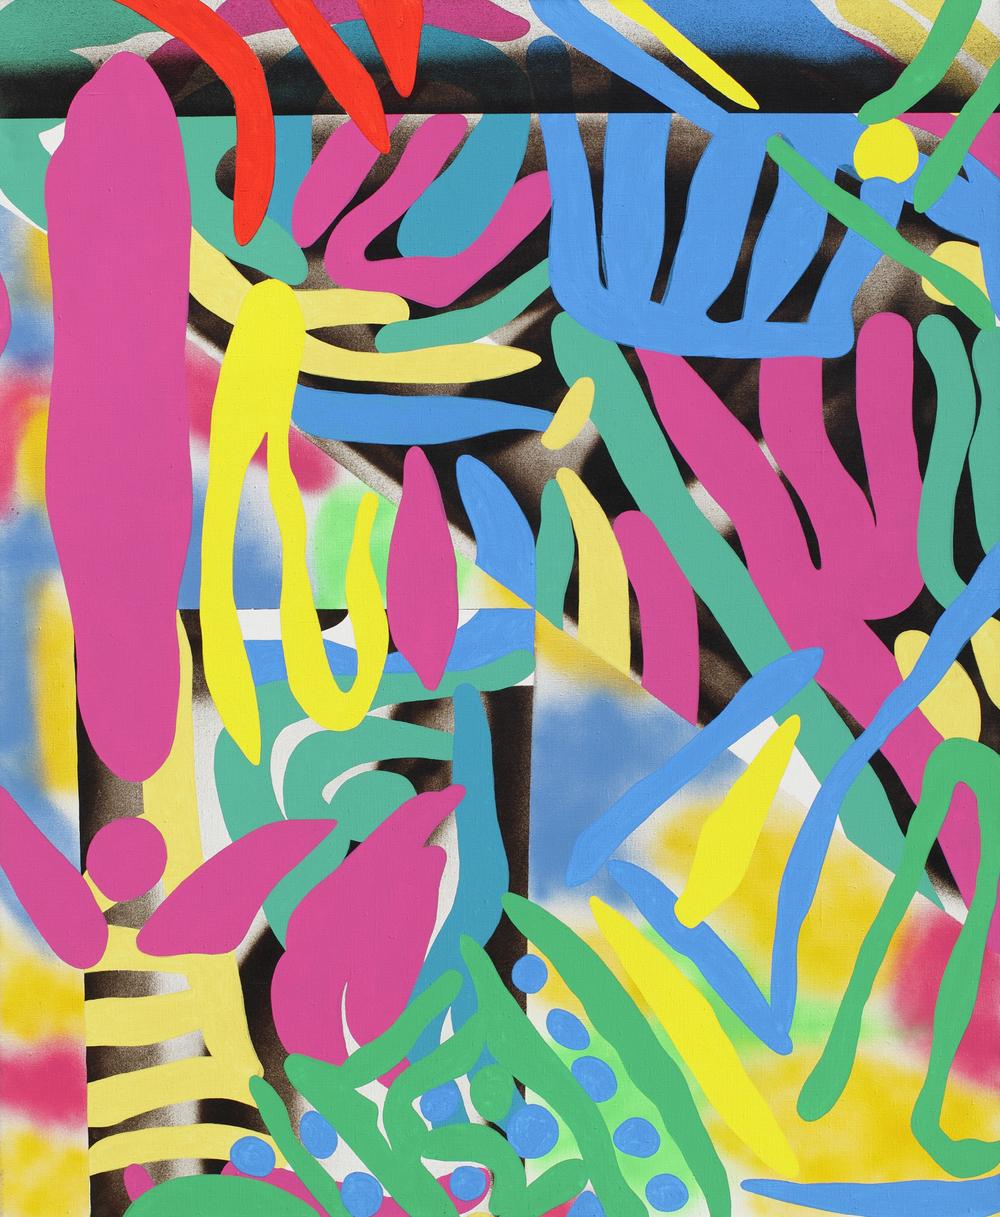 Xikin, 2009, acrylic, spray on canvas, 140 x 115 cm